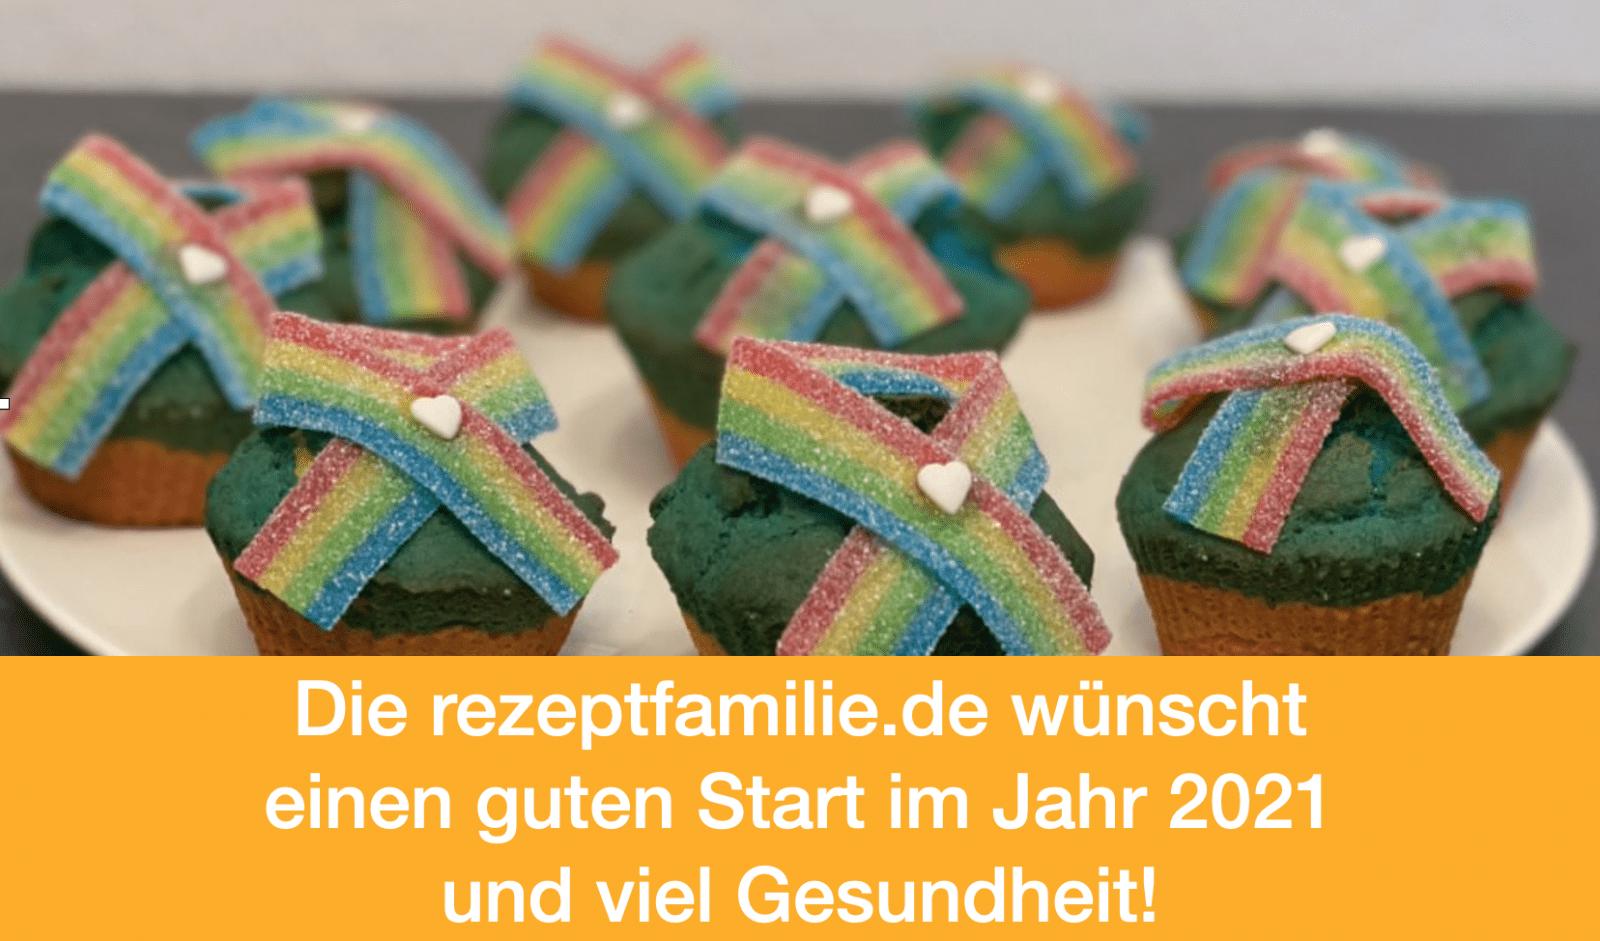 Die rezeptfamilie.de wünscht einen guten Start im Jahr 2021 und viel Gesundheit